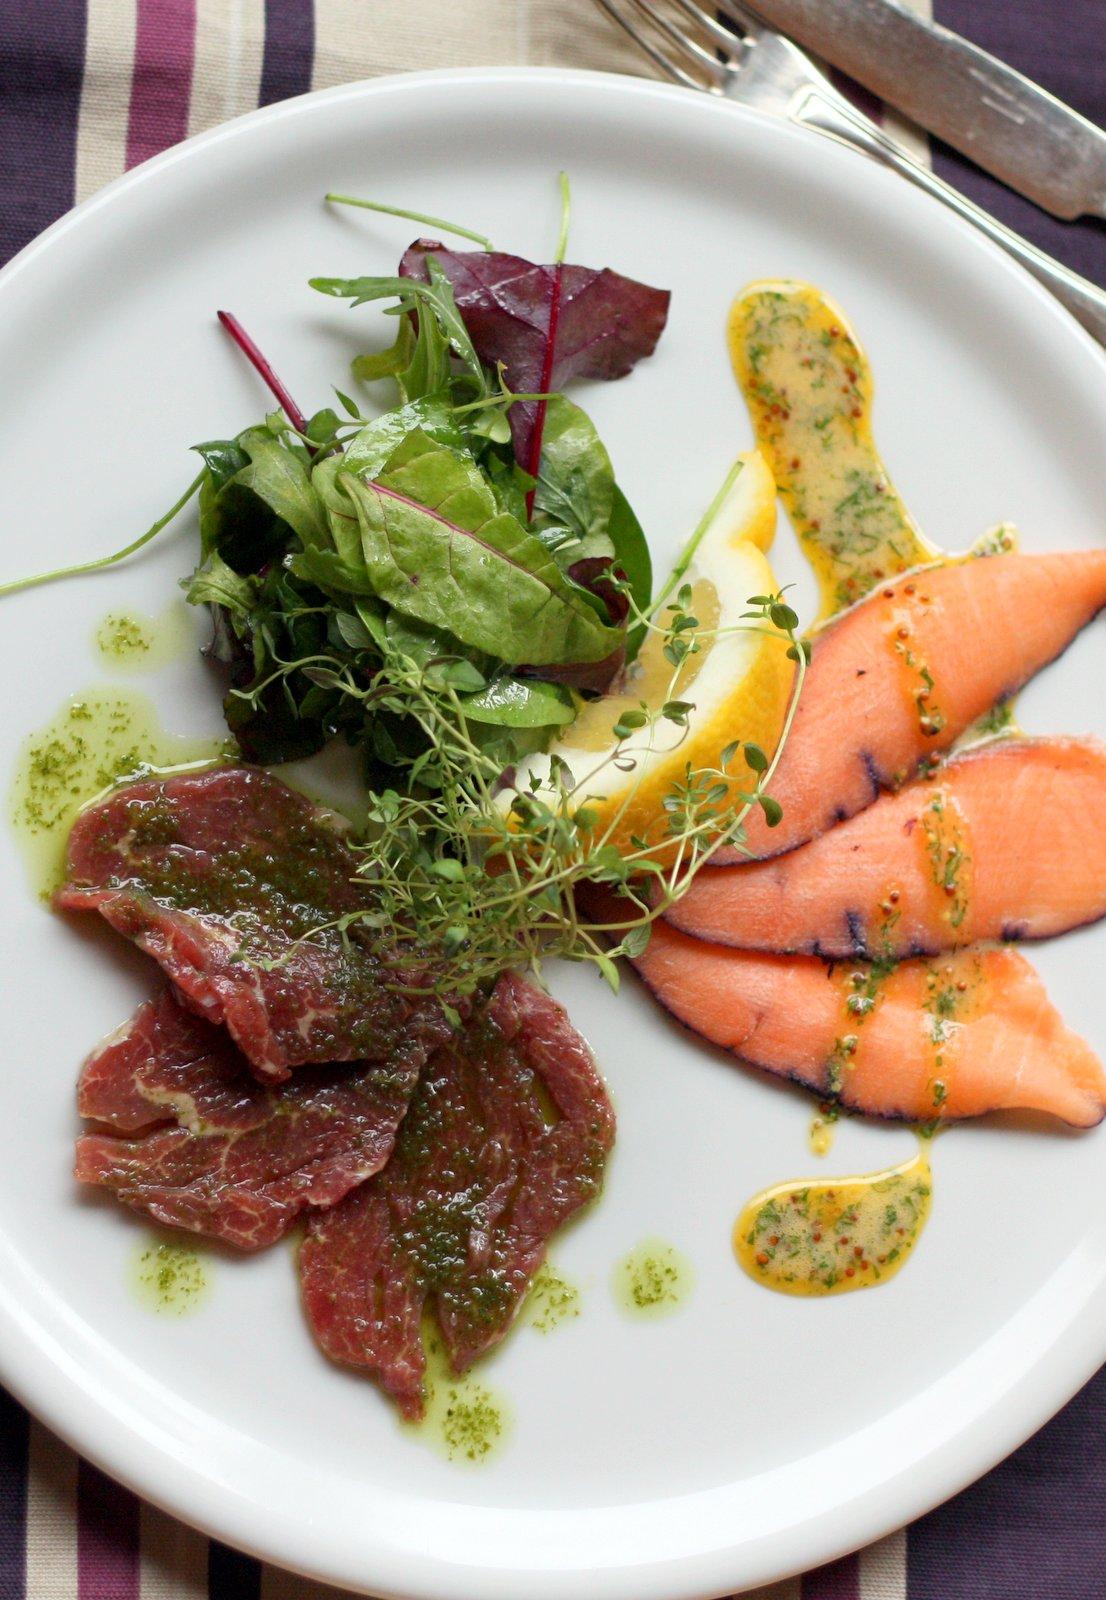 Herkkukasarin kokki kotiin -palvelu ja kokkikoulu: alkuruoka